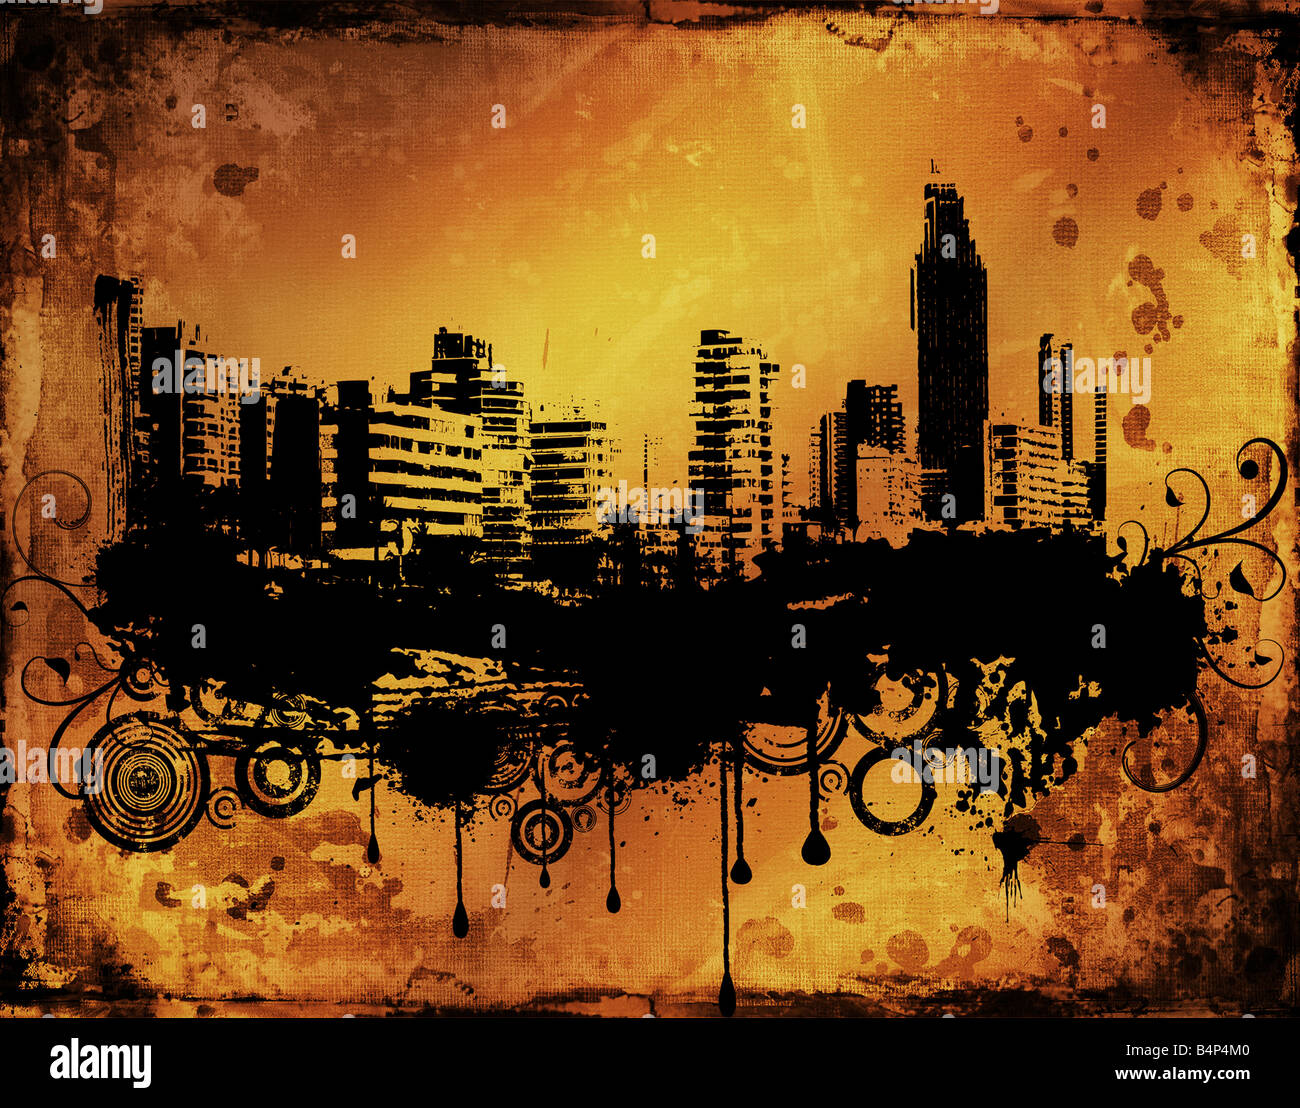 Ville urbaine sur scène grunge background Photo Stock